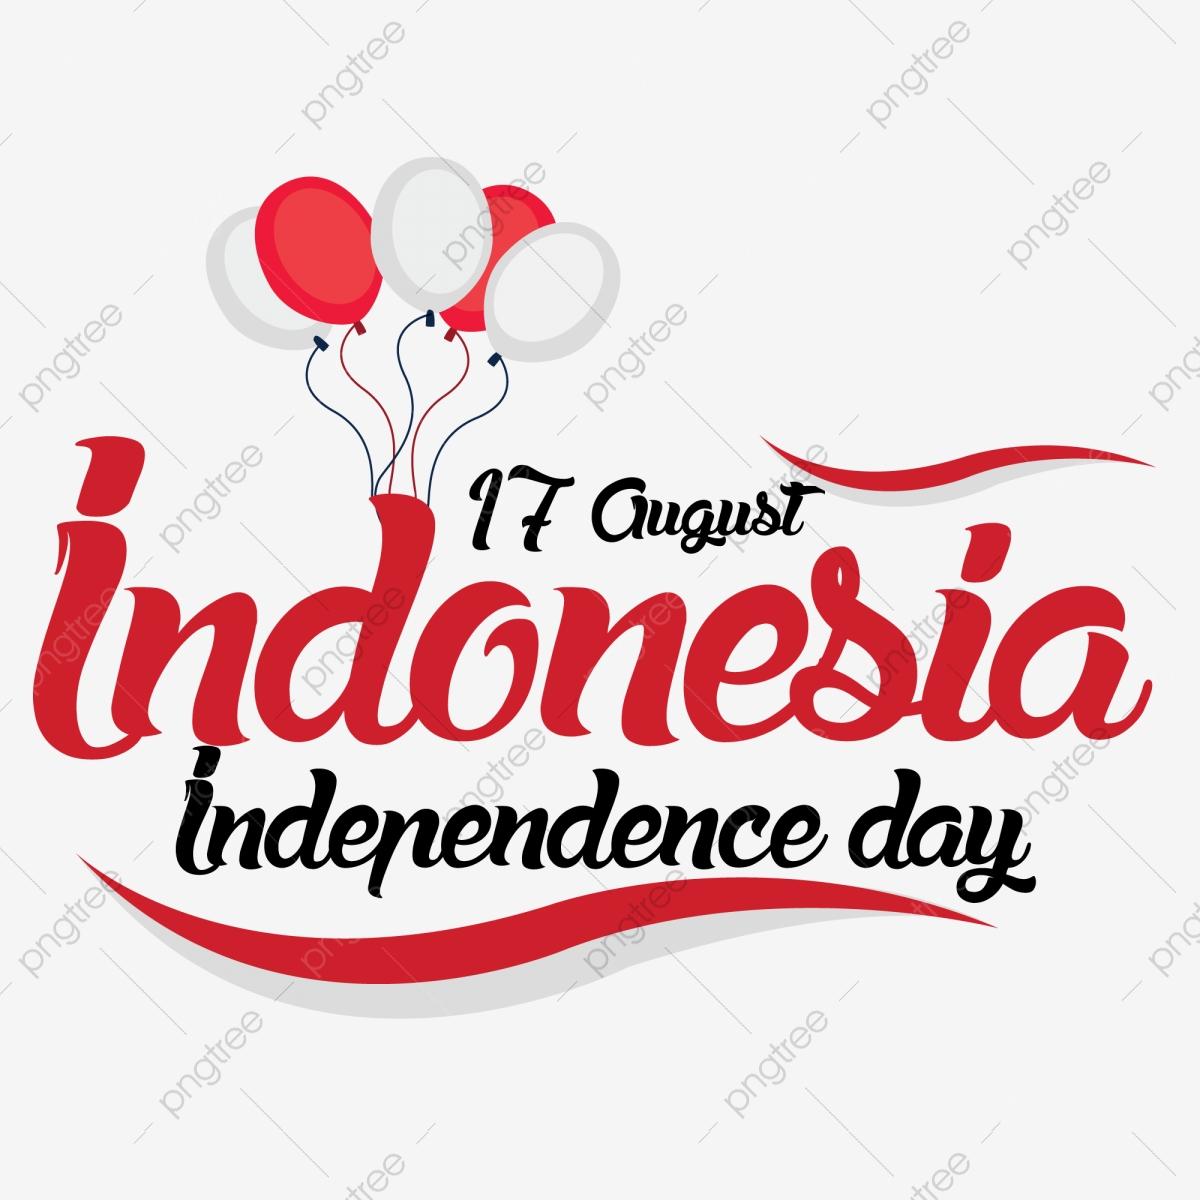 Hari Kemerdekaan Indonesia Hari Kemerdekaan Indonesia Tiang Berminyak Permainan Tradisional Png Dan Vektor Dengan Latar Belakang Transparan Untuk Unduh Gratis